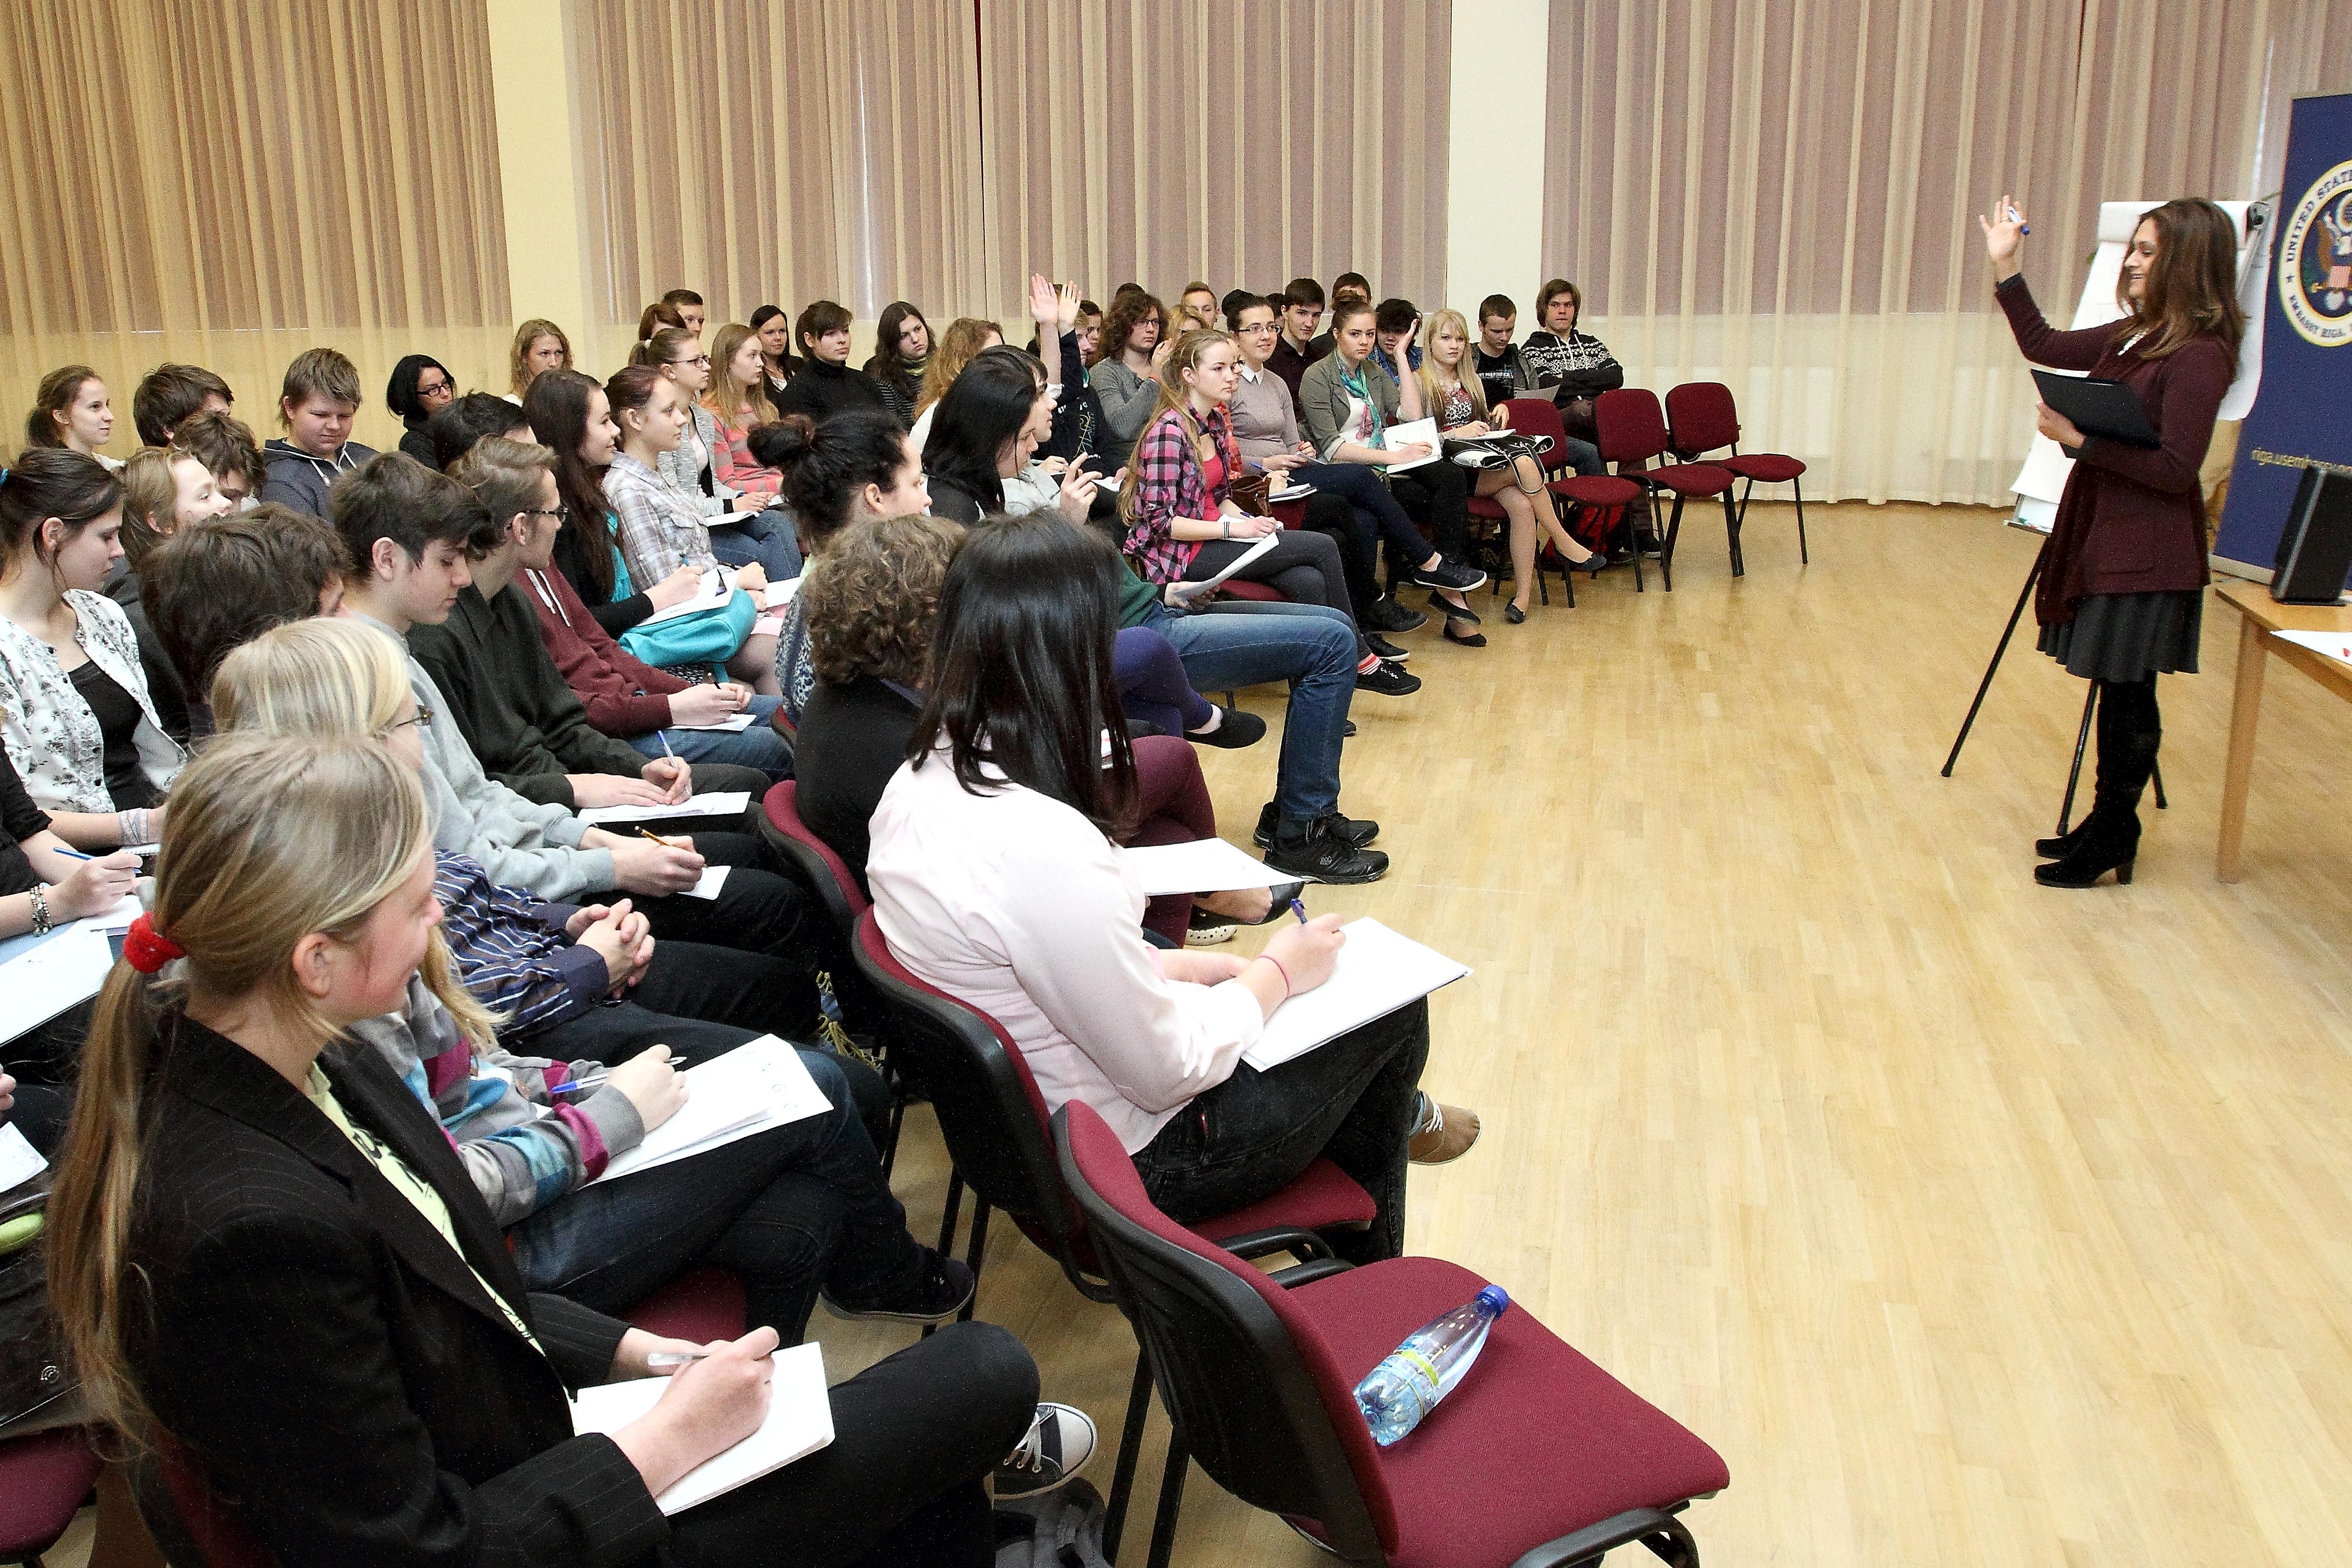 Karjeras seminārs Ķeguma komercnovirziena vidusskolā.